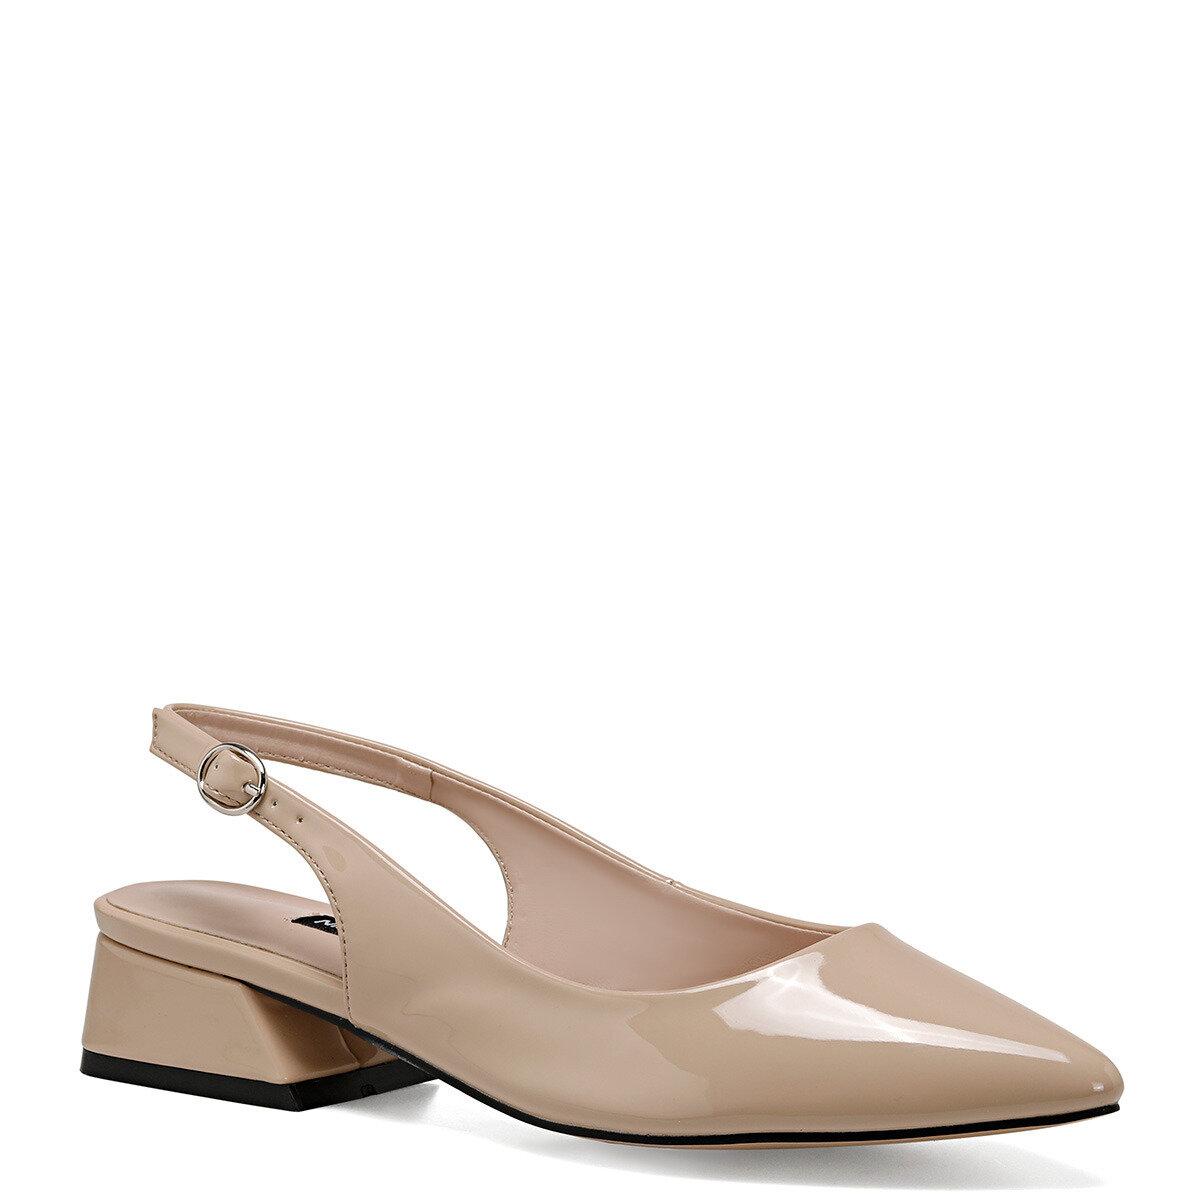 TORA Naturel Kadın Kısa Topuklu Ayakkabı